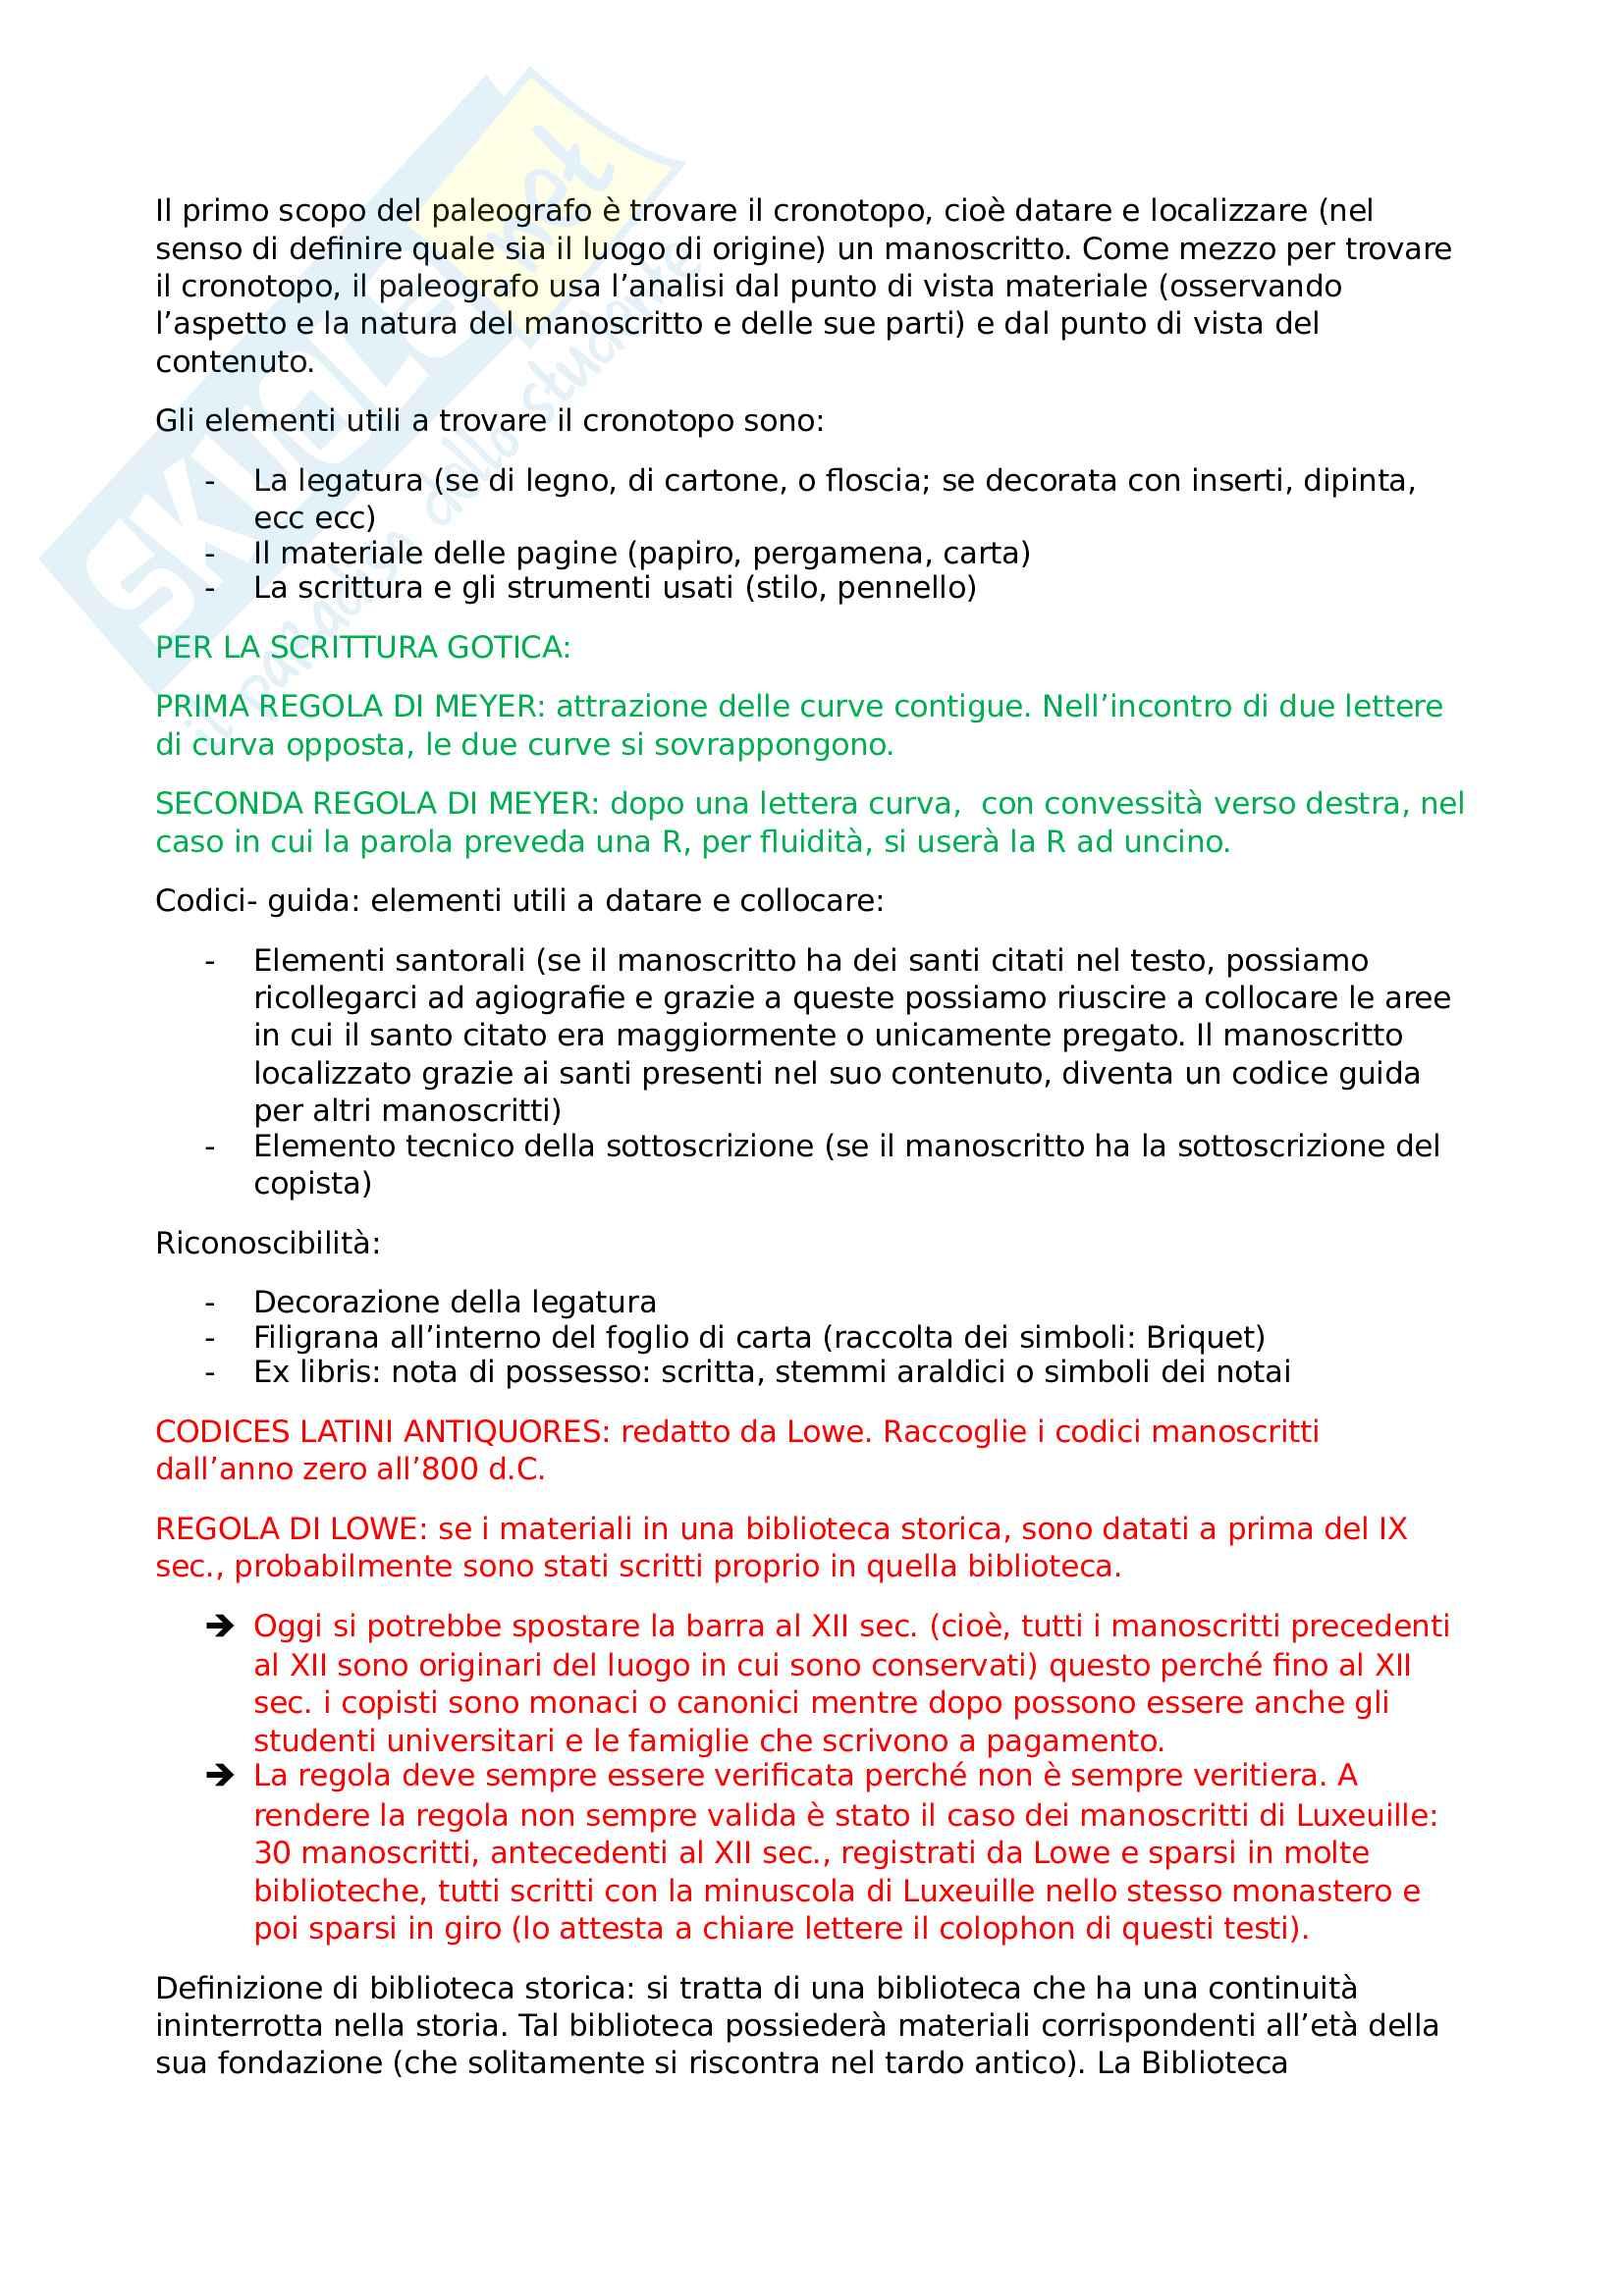 Riassunto completo del corso per l'esame di Paleografia Latina